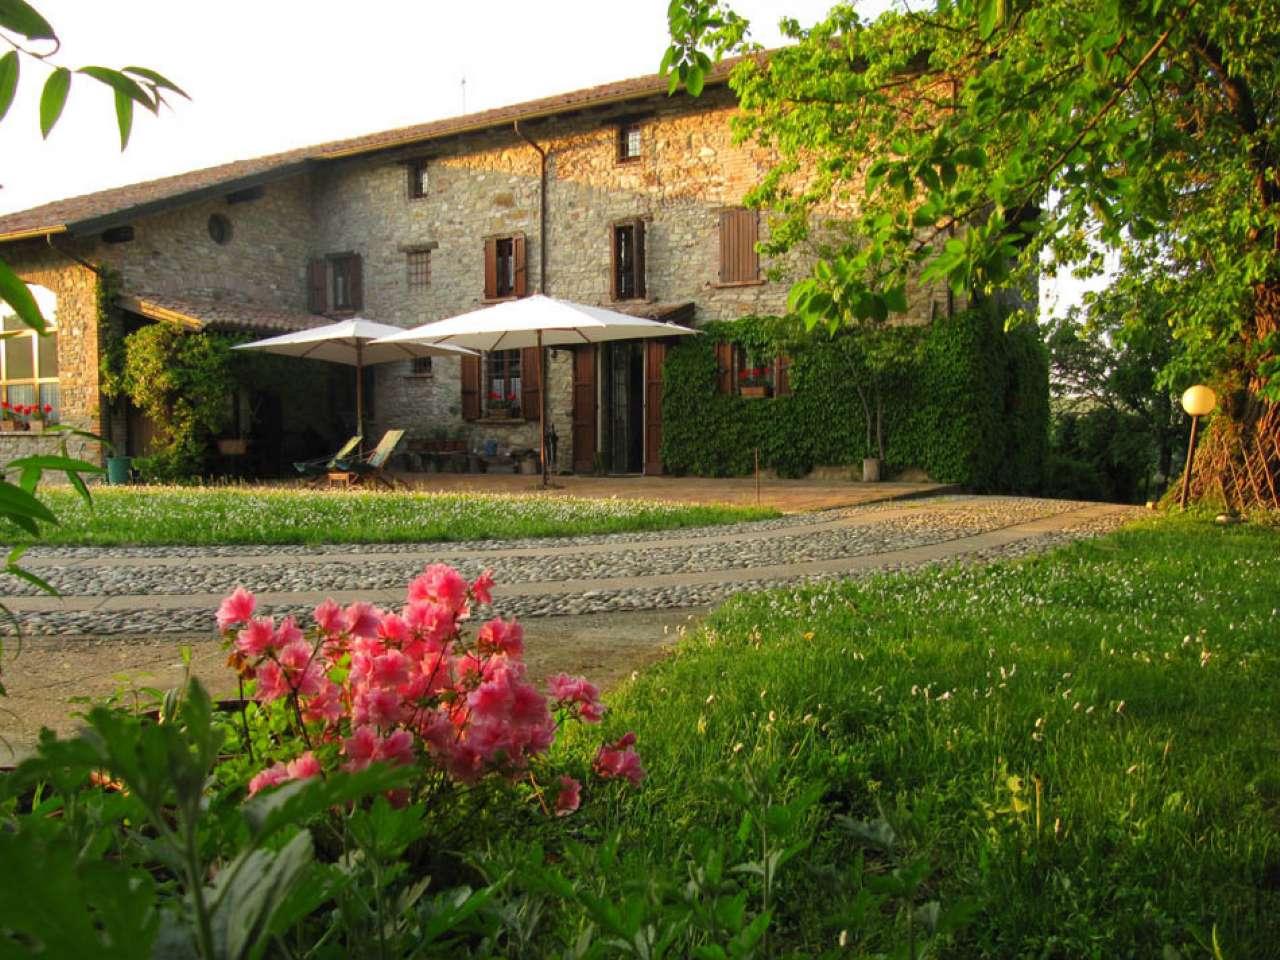 Casa indipendente in Vendita a Nibbiano: 5 locali, 715 mq